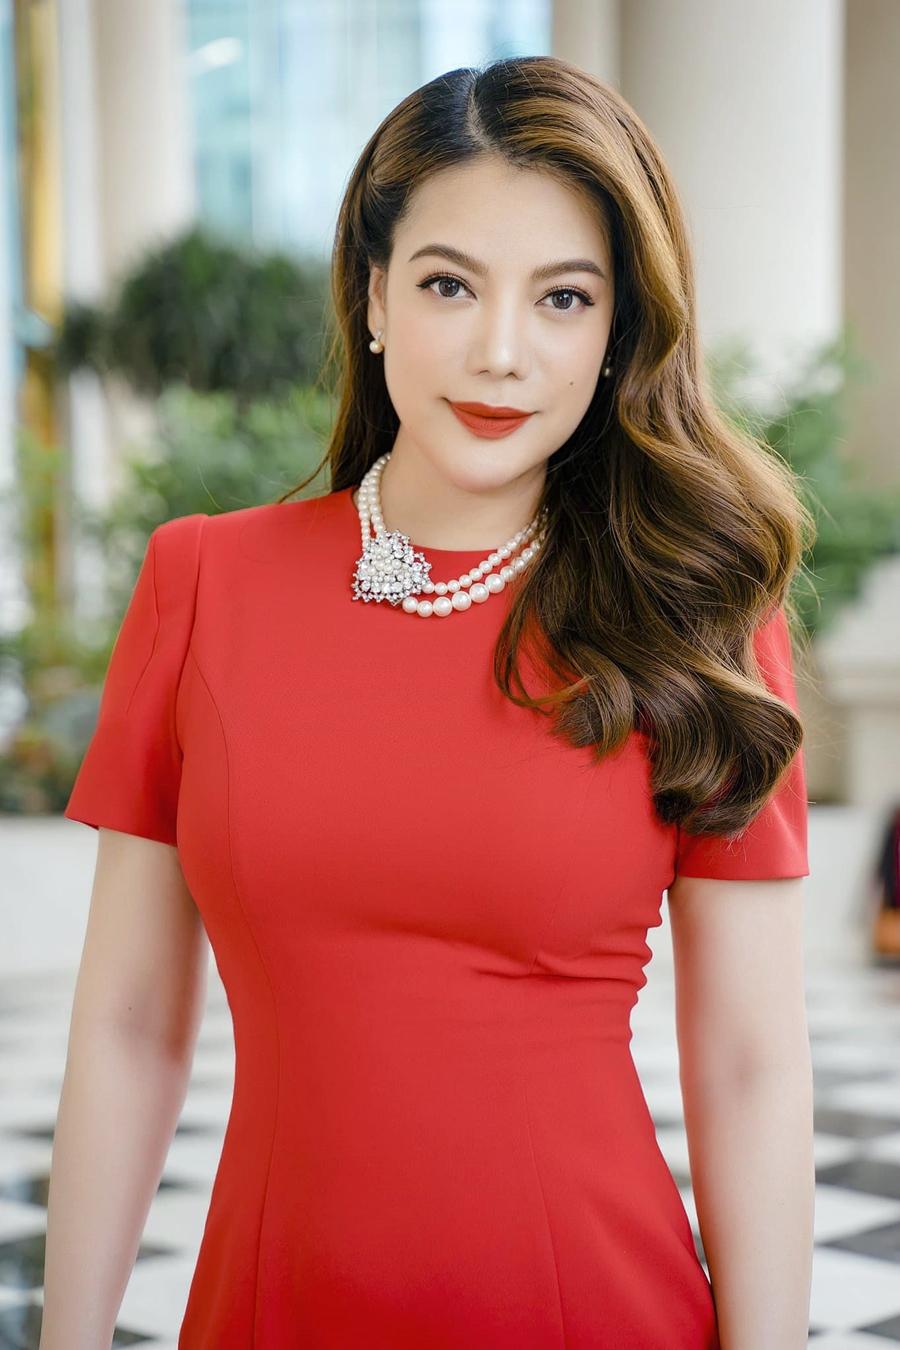 [CaptionTrang phục khi đi làm, ngoài diễn xuất, chị kinh doanh. ảnh: Nguyễn Mai Hưng